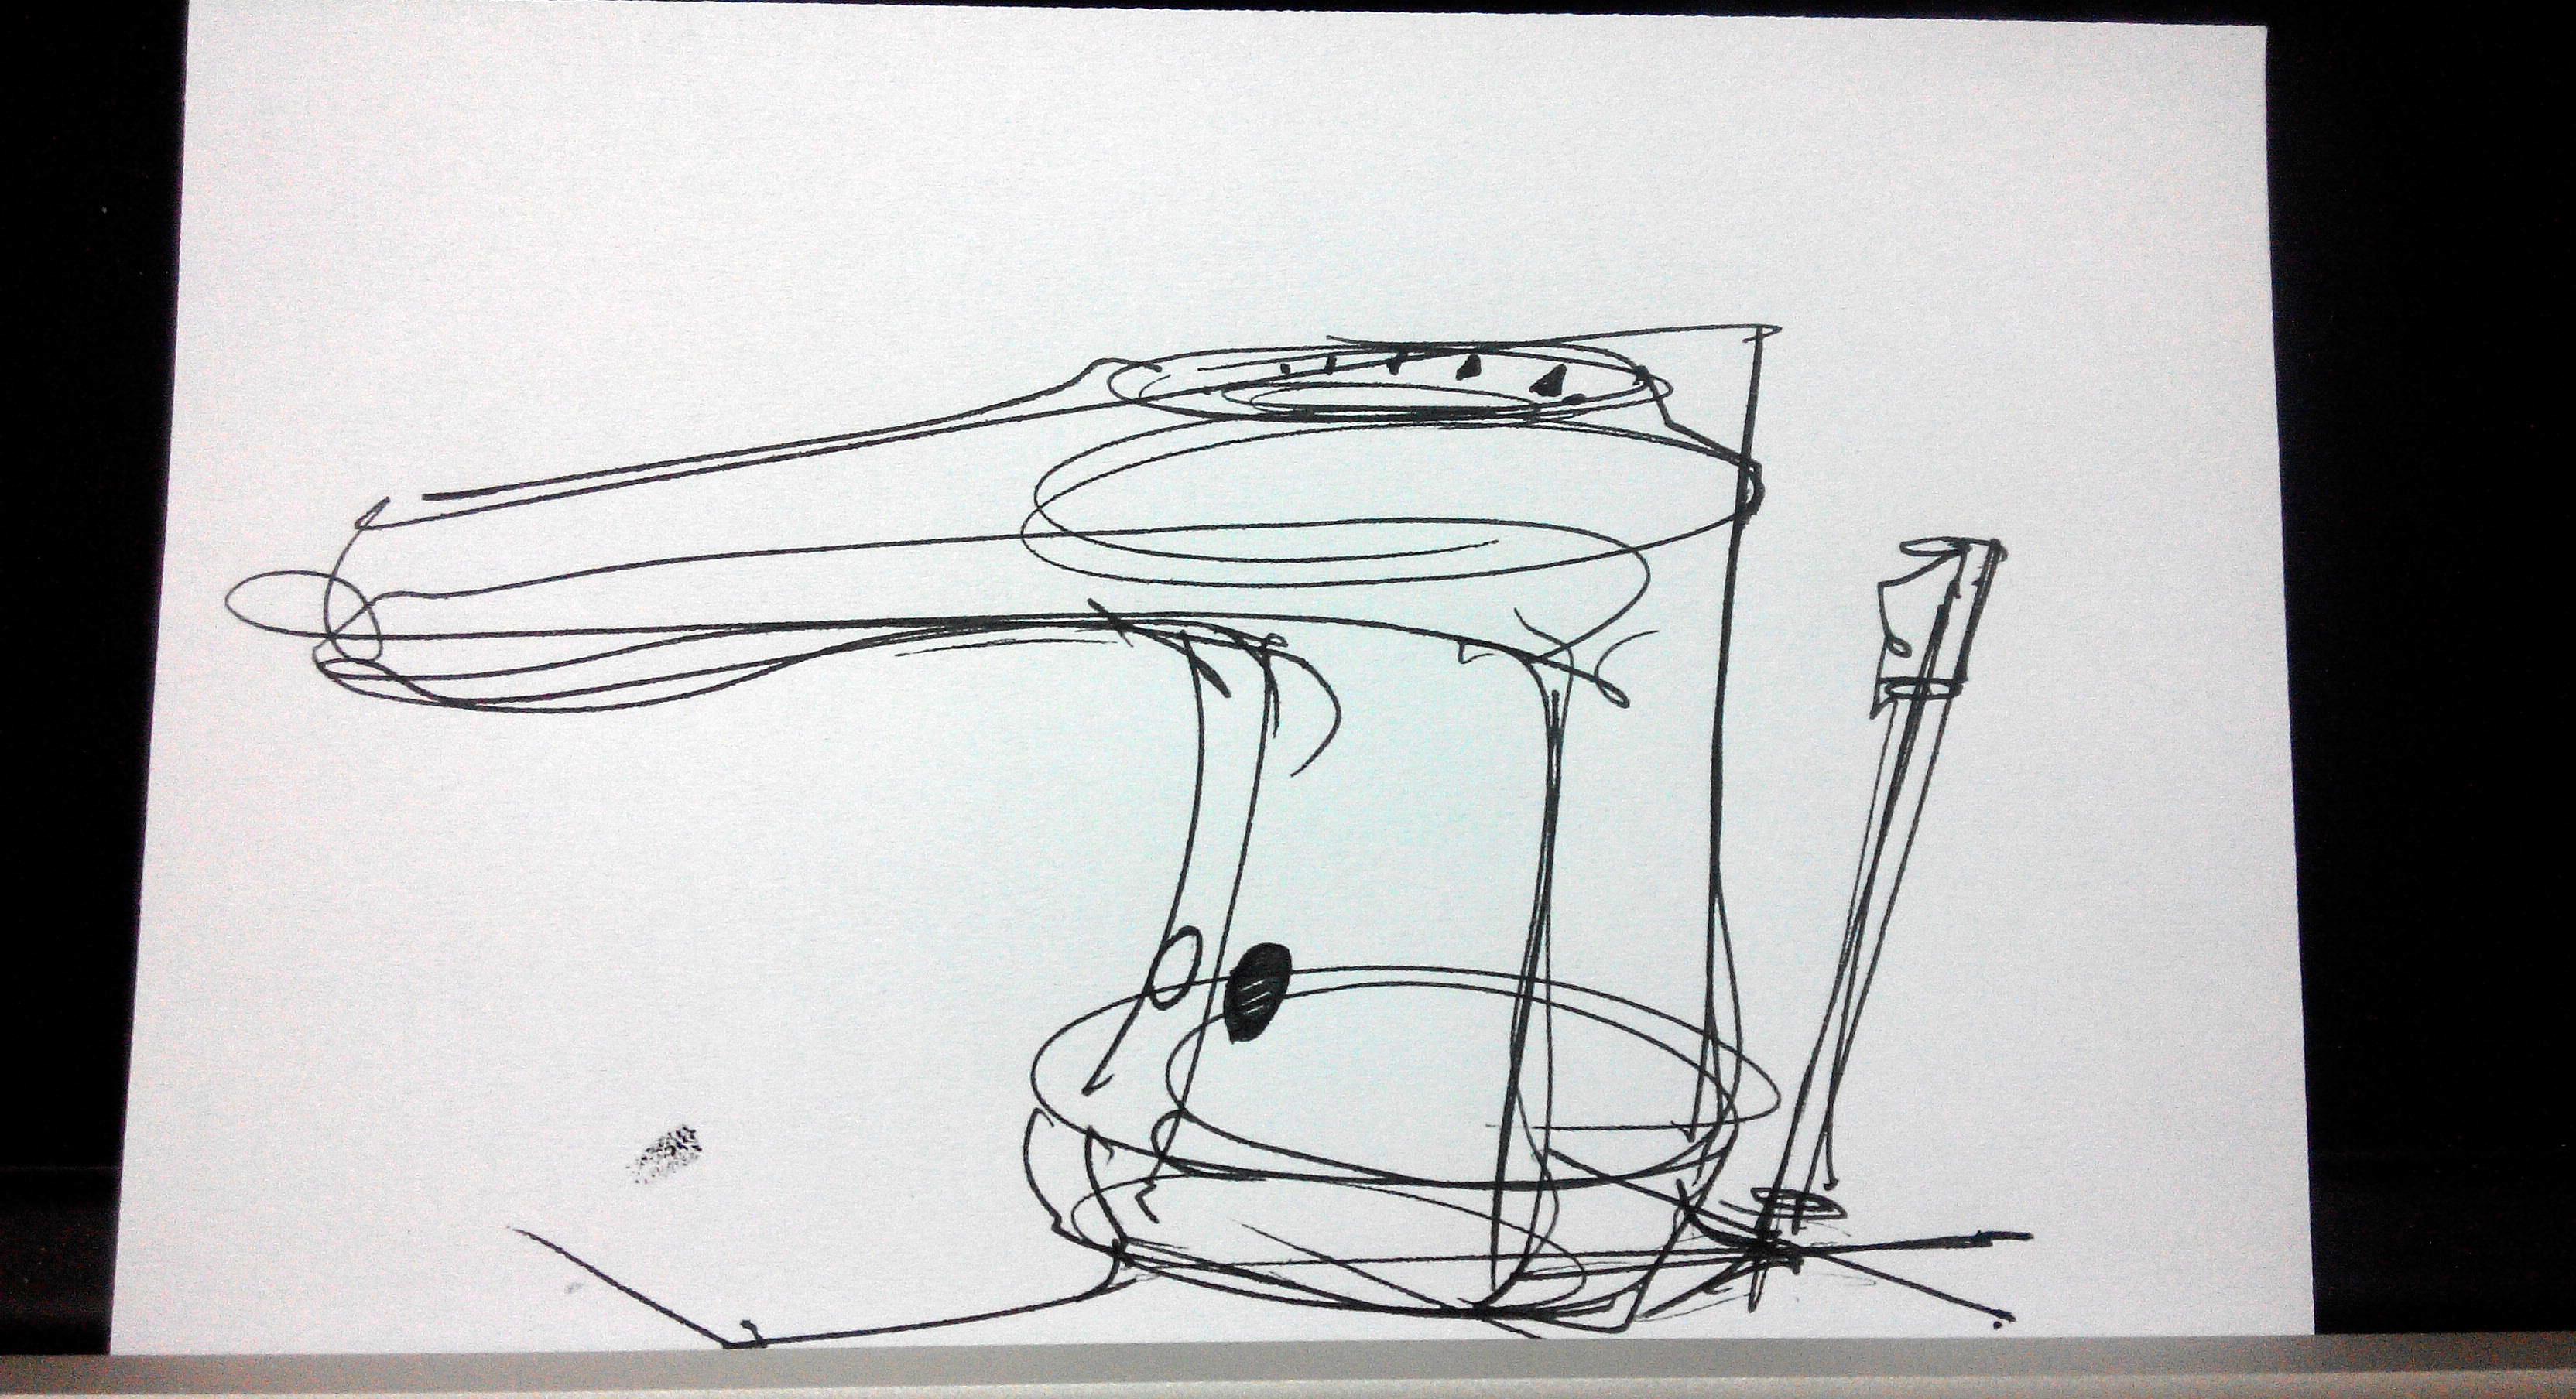 1 minute challenge design sketching the design sketchbook b